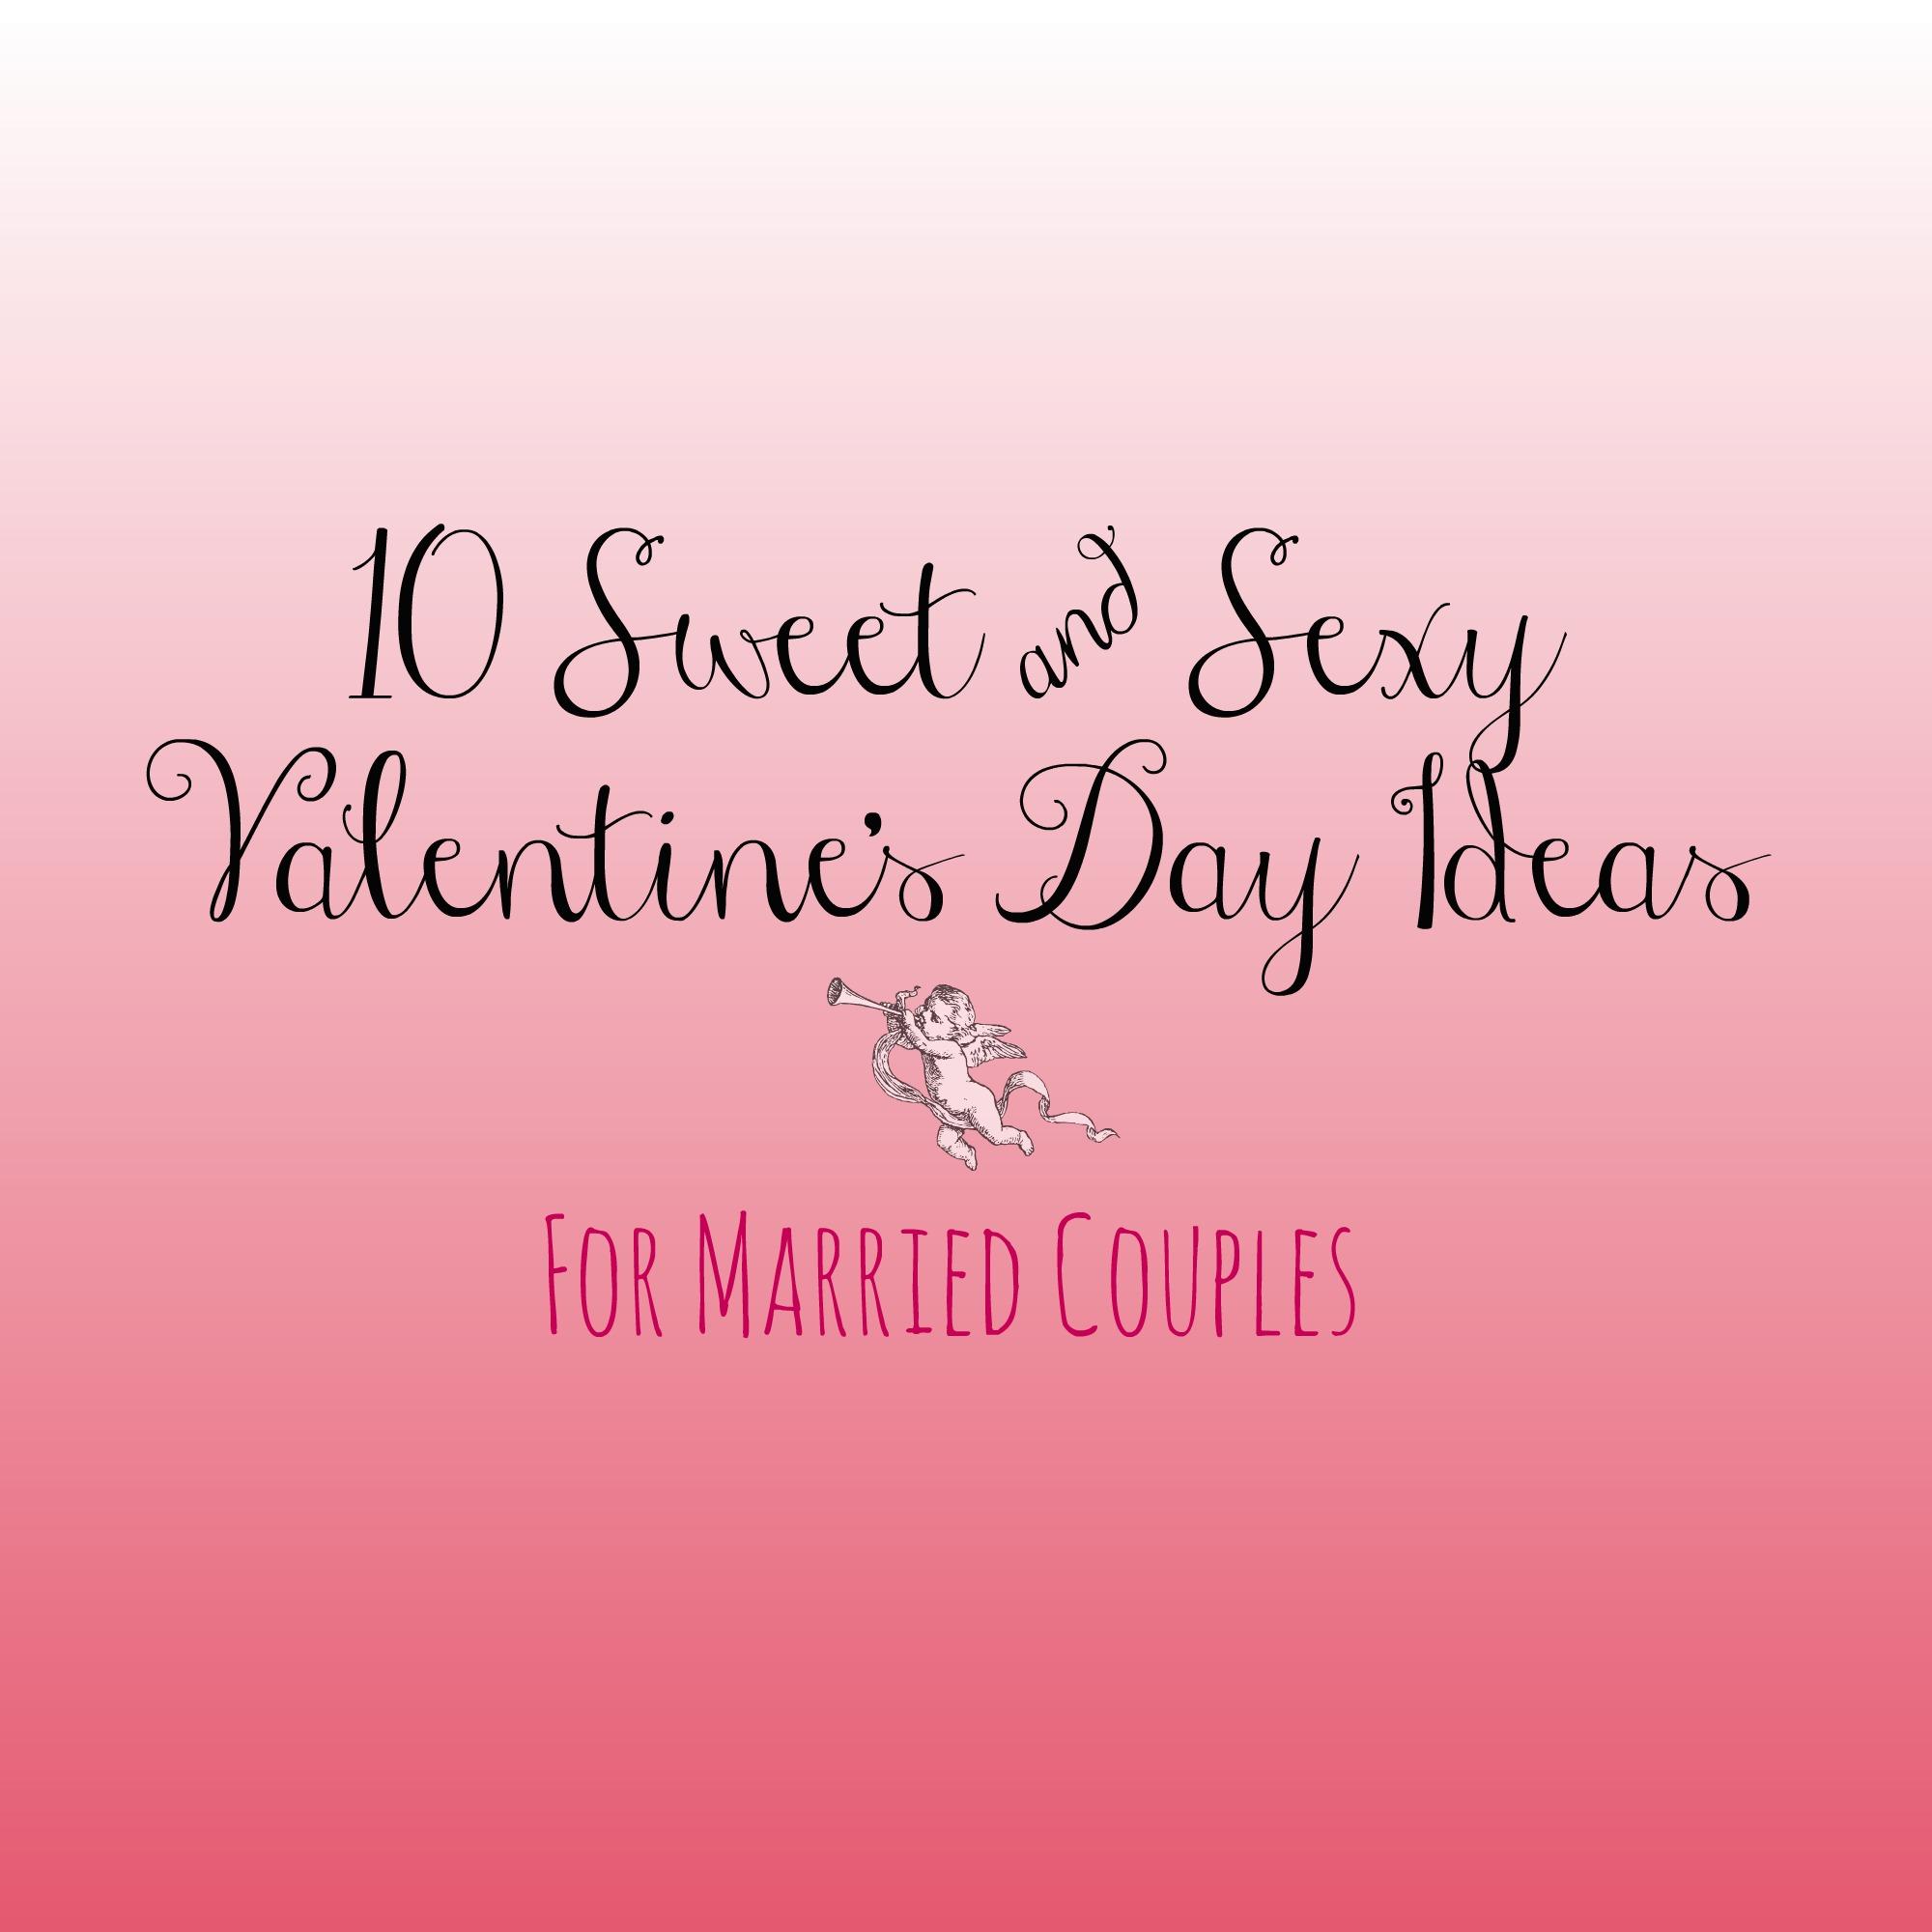 Pity, Sexy valentine s day ideas